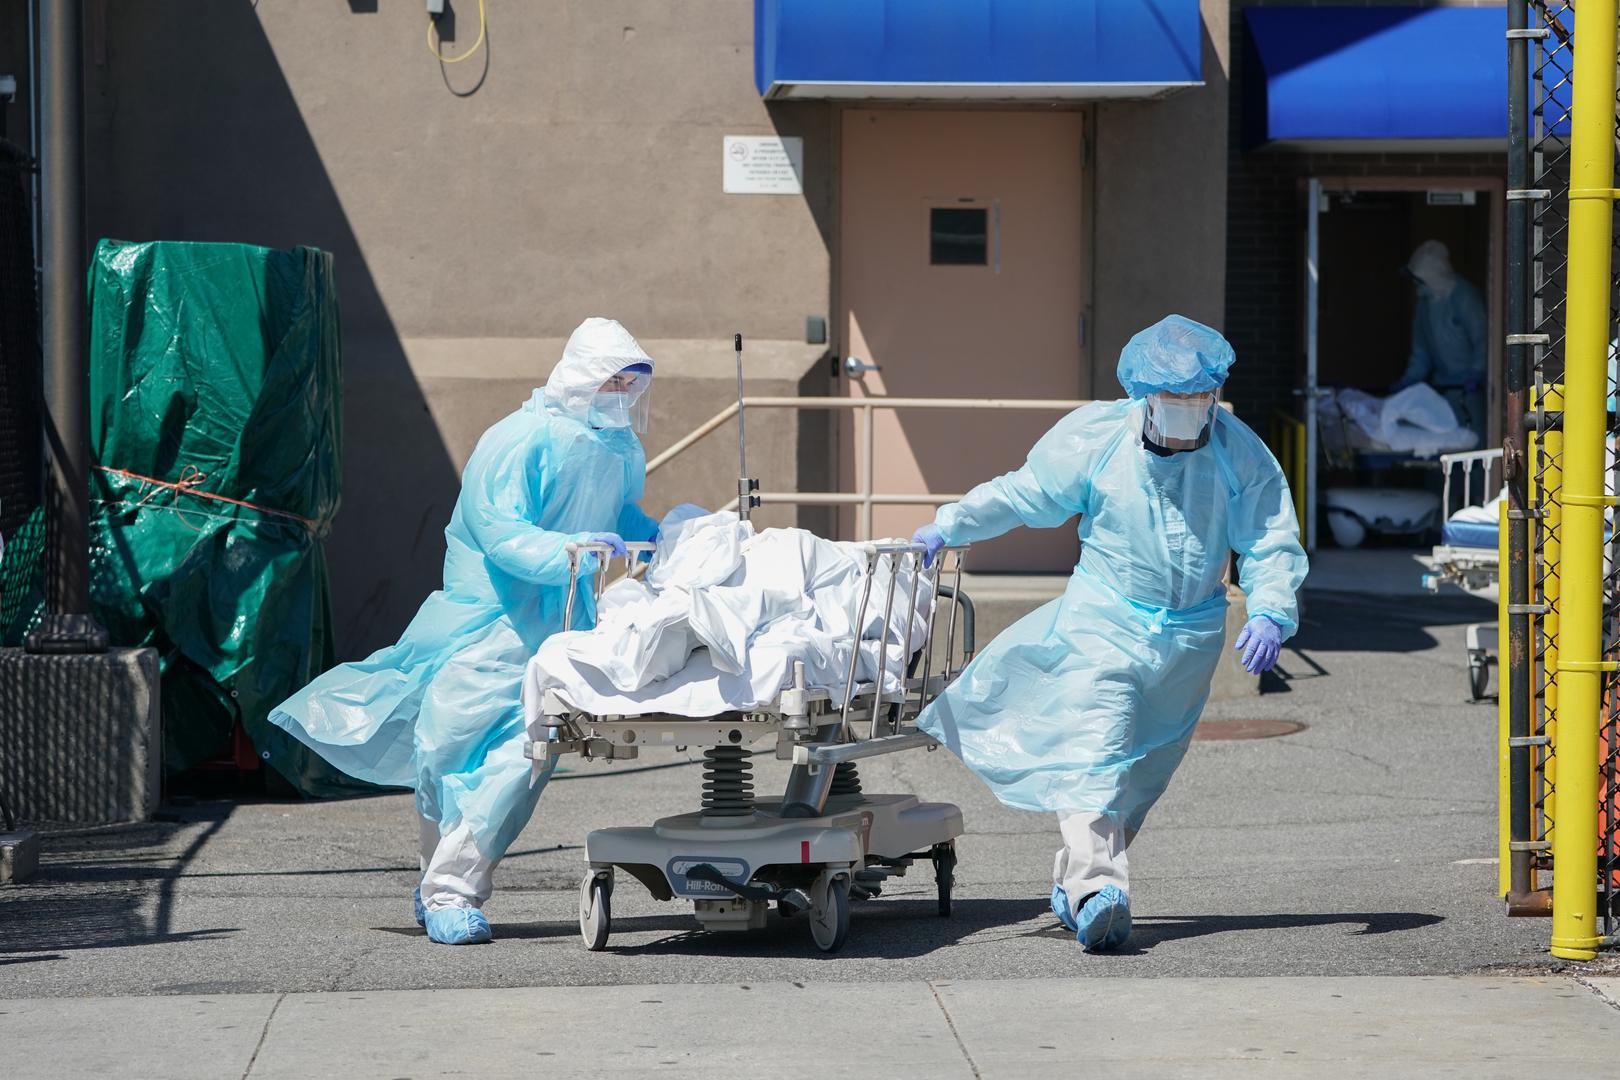 الولايات المتحدة.. تسجيل أكثر من 40 ألف إصابة و807 وفيات جديدة بكورونا